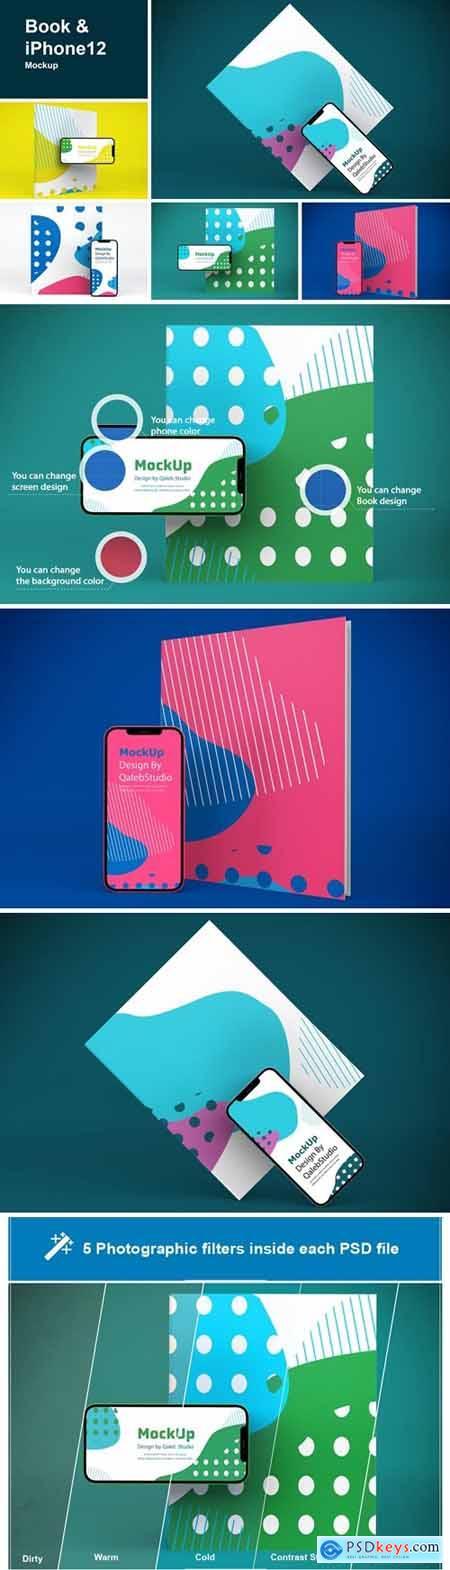 Book & iPhone 12